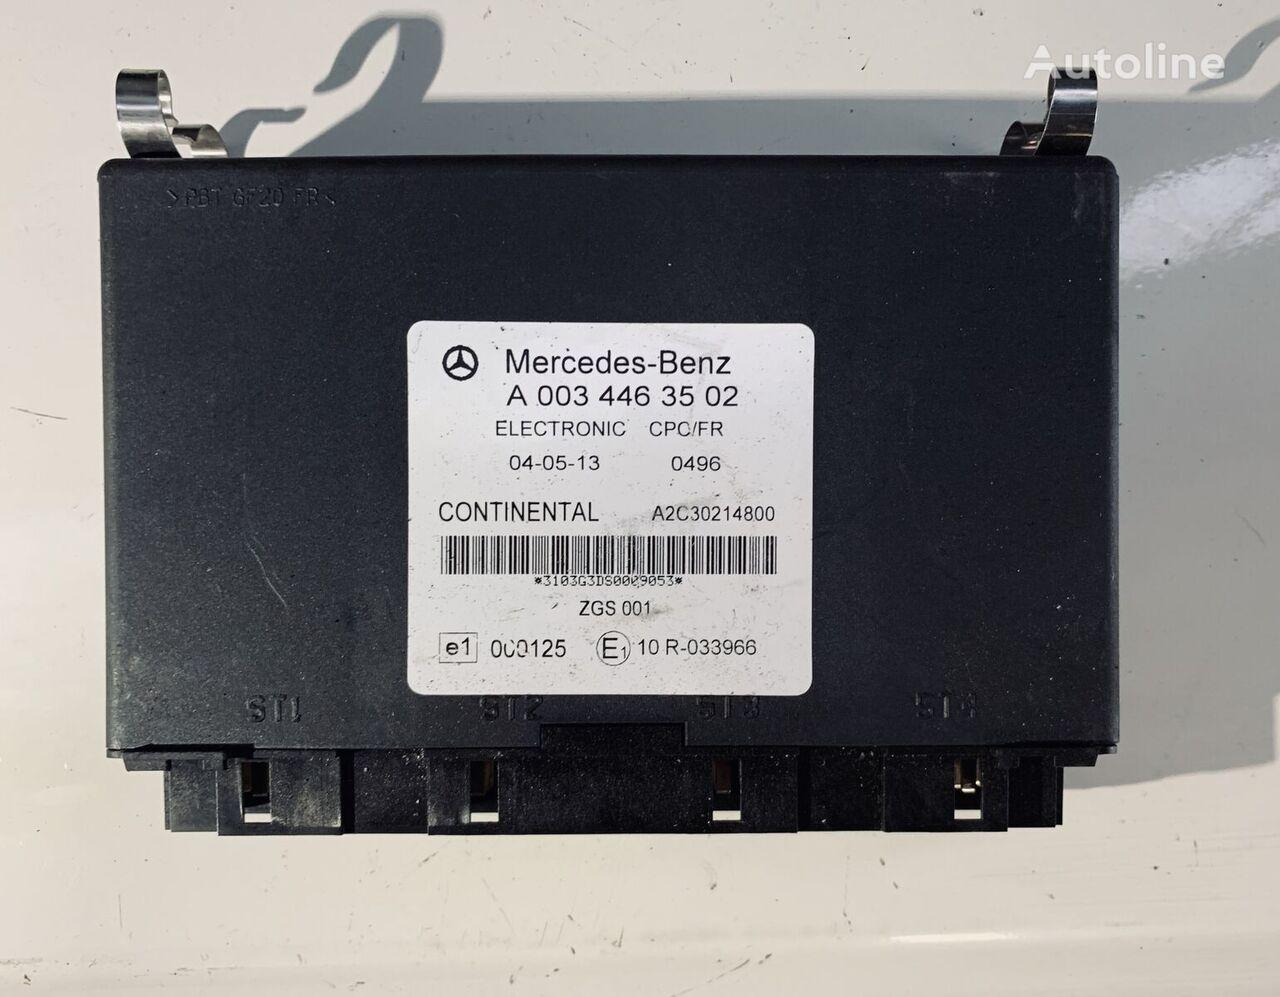 MERCEDES-BENZ 1824 control unit for truck